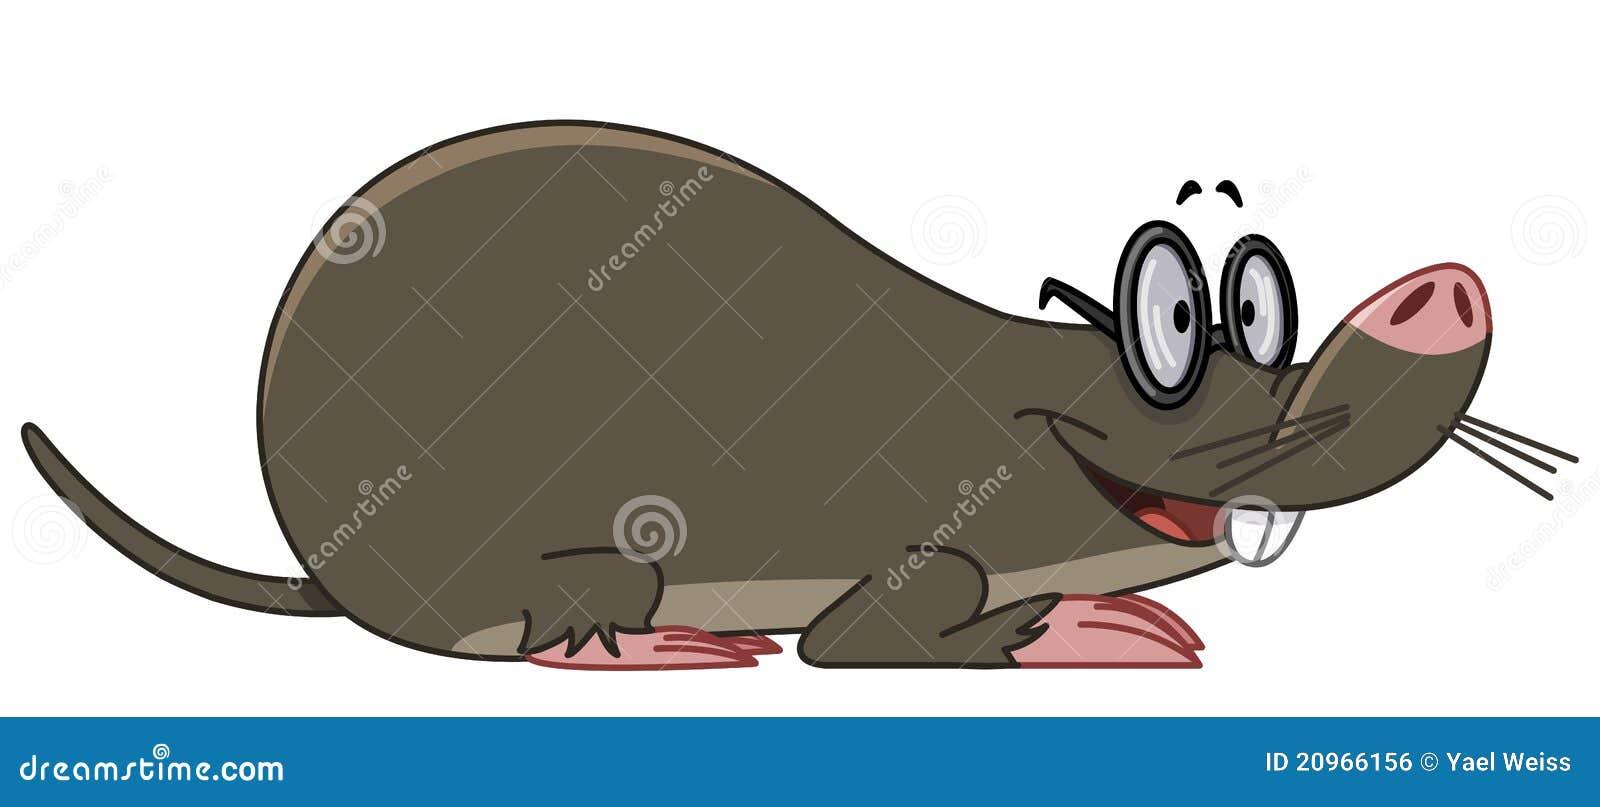 Illustrazione degli occhiali da portare sorridenti della talpa.